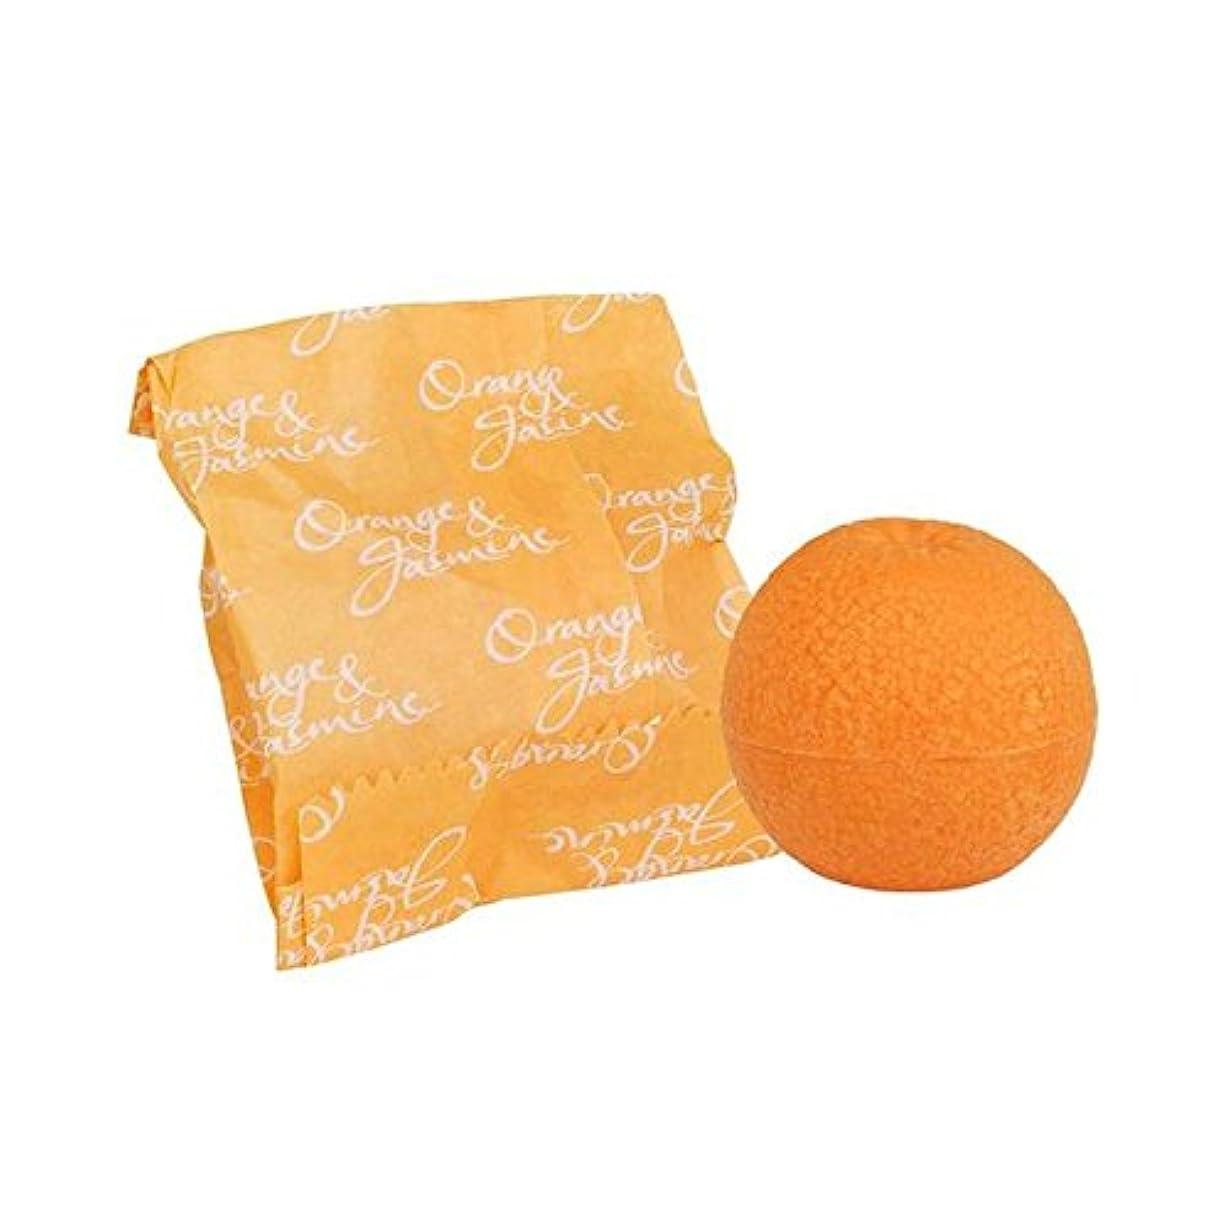 退屈させる入射間違えたオレンジ&ジャスミン石鹸100グラム x4 - Bronnley Orange & Jasmine Soap 100g (Pack of 4) [並行輸入品]